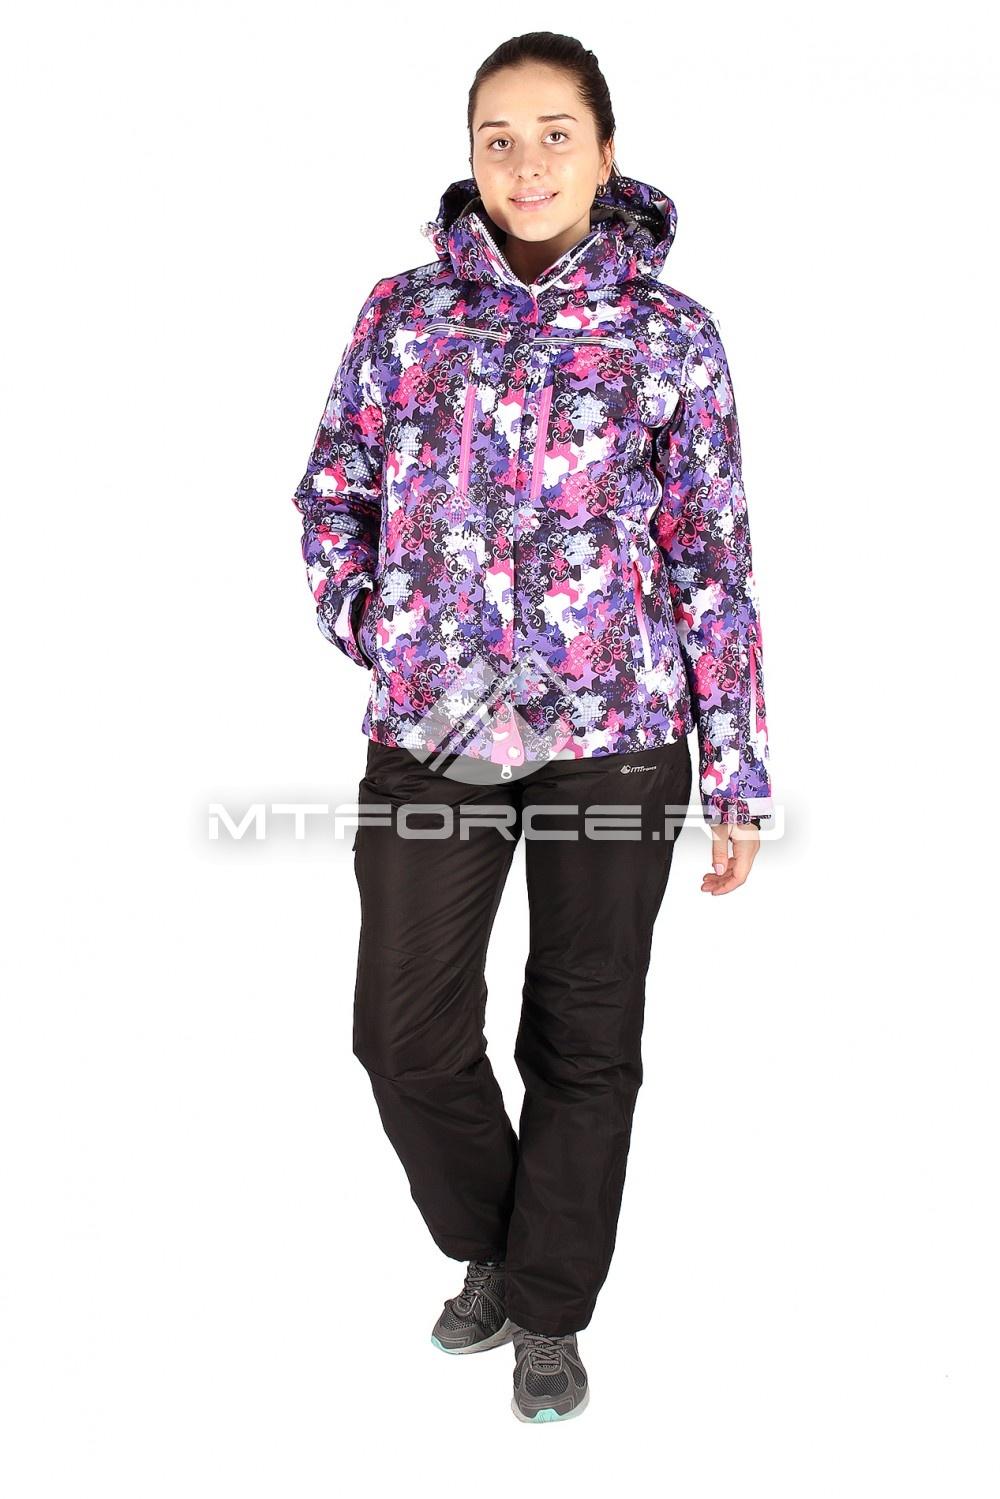 Купить                                  оптом Костюм горнолыжный женский фиолетового цвета 01526-1F